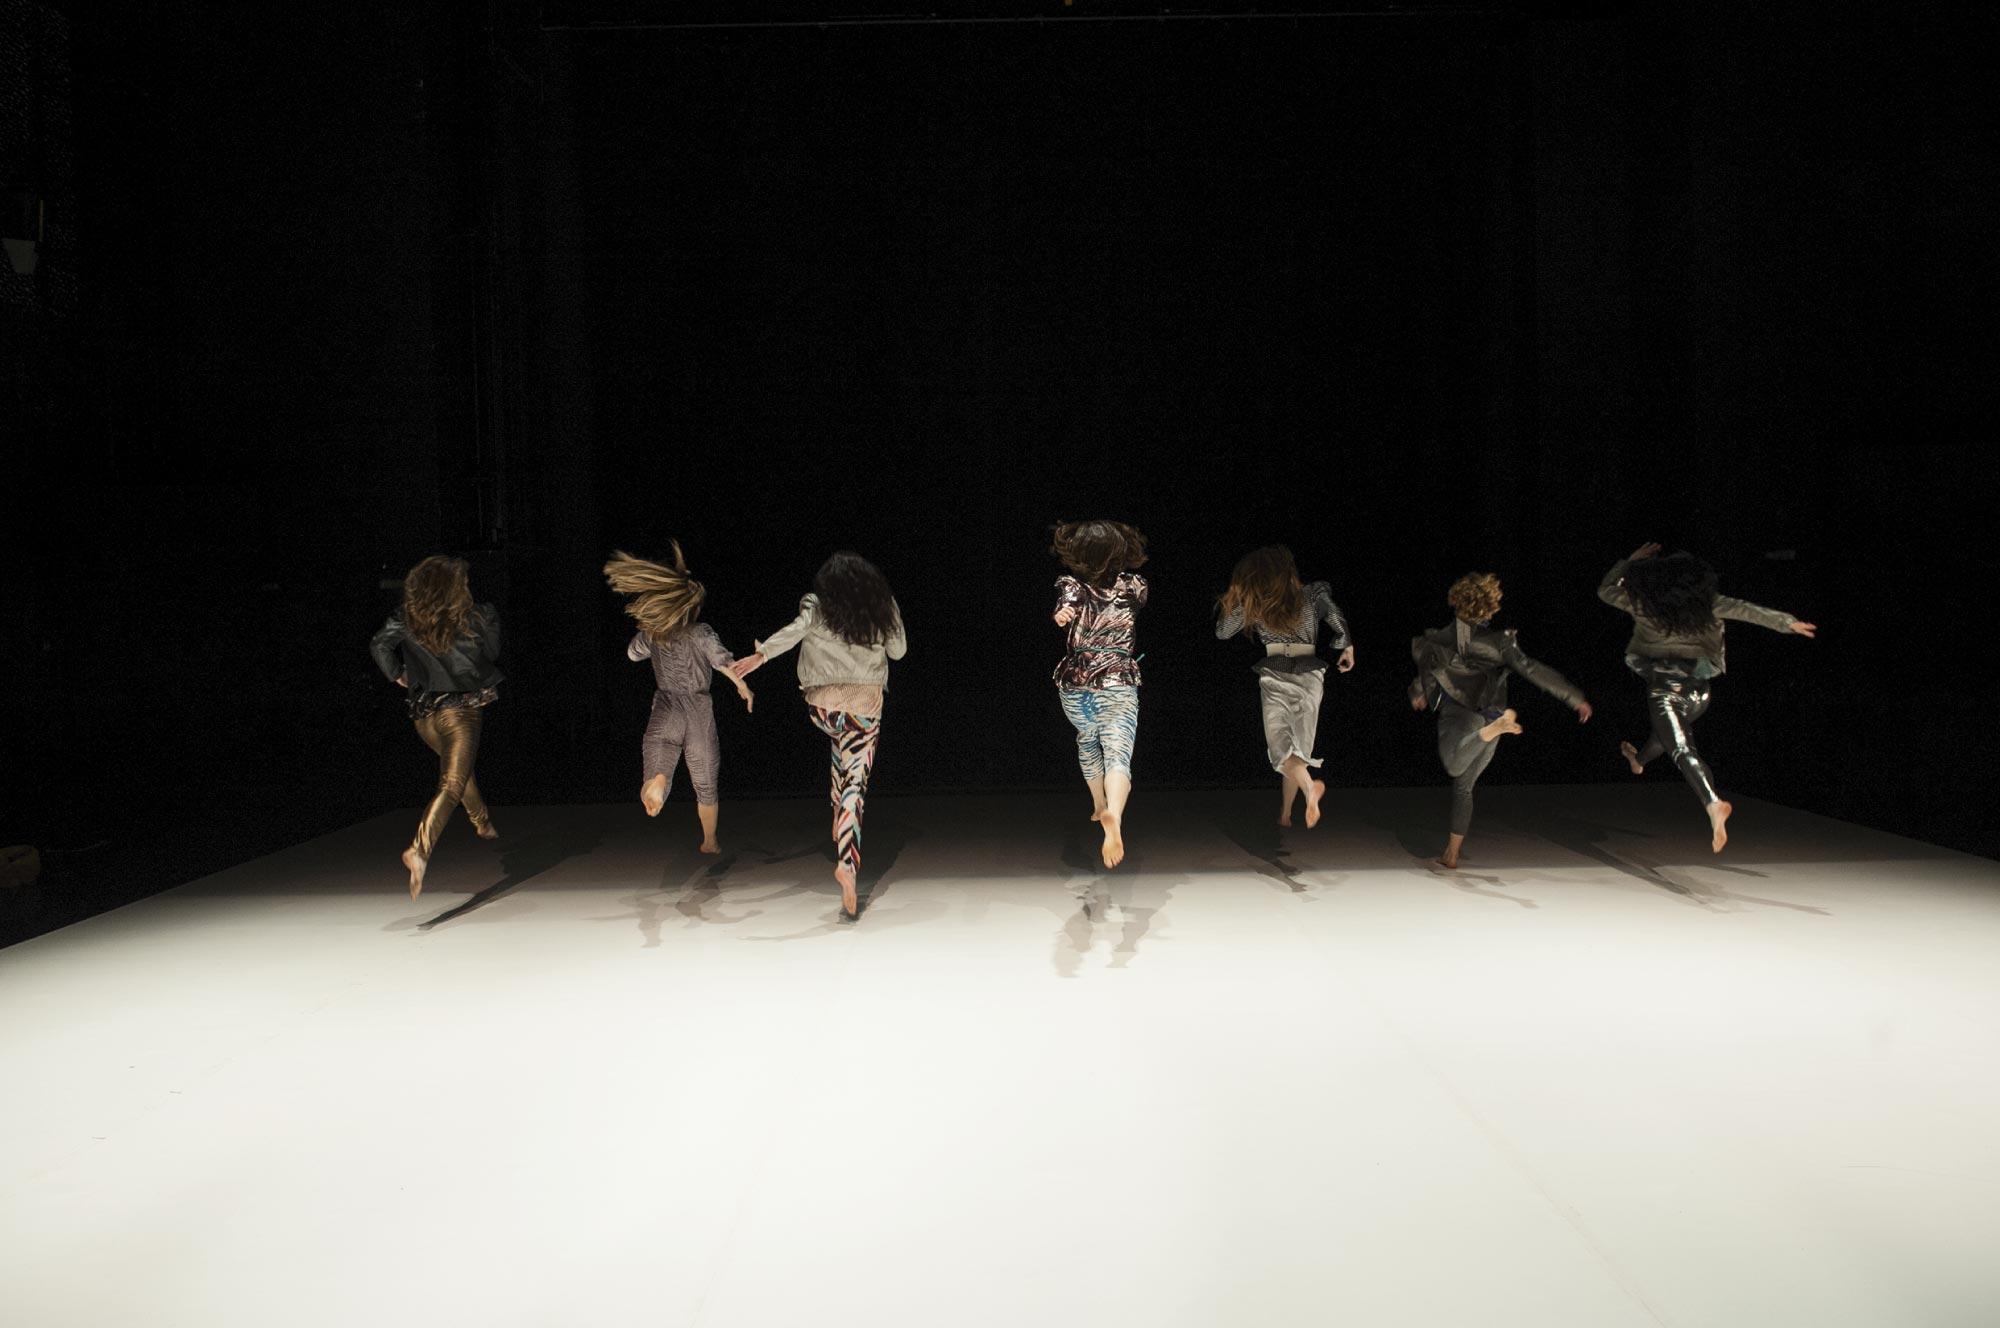 Premijera plesne predstave 'Spektakl' na srednješkolskom igralištu Elipsa